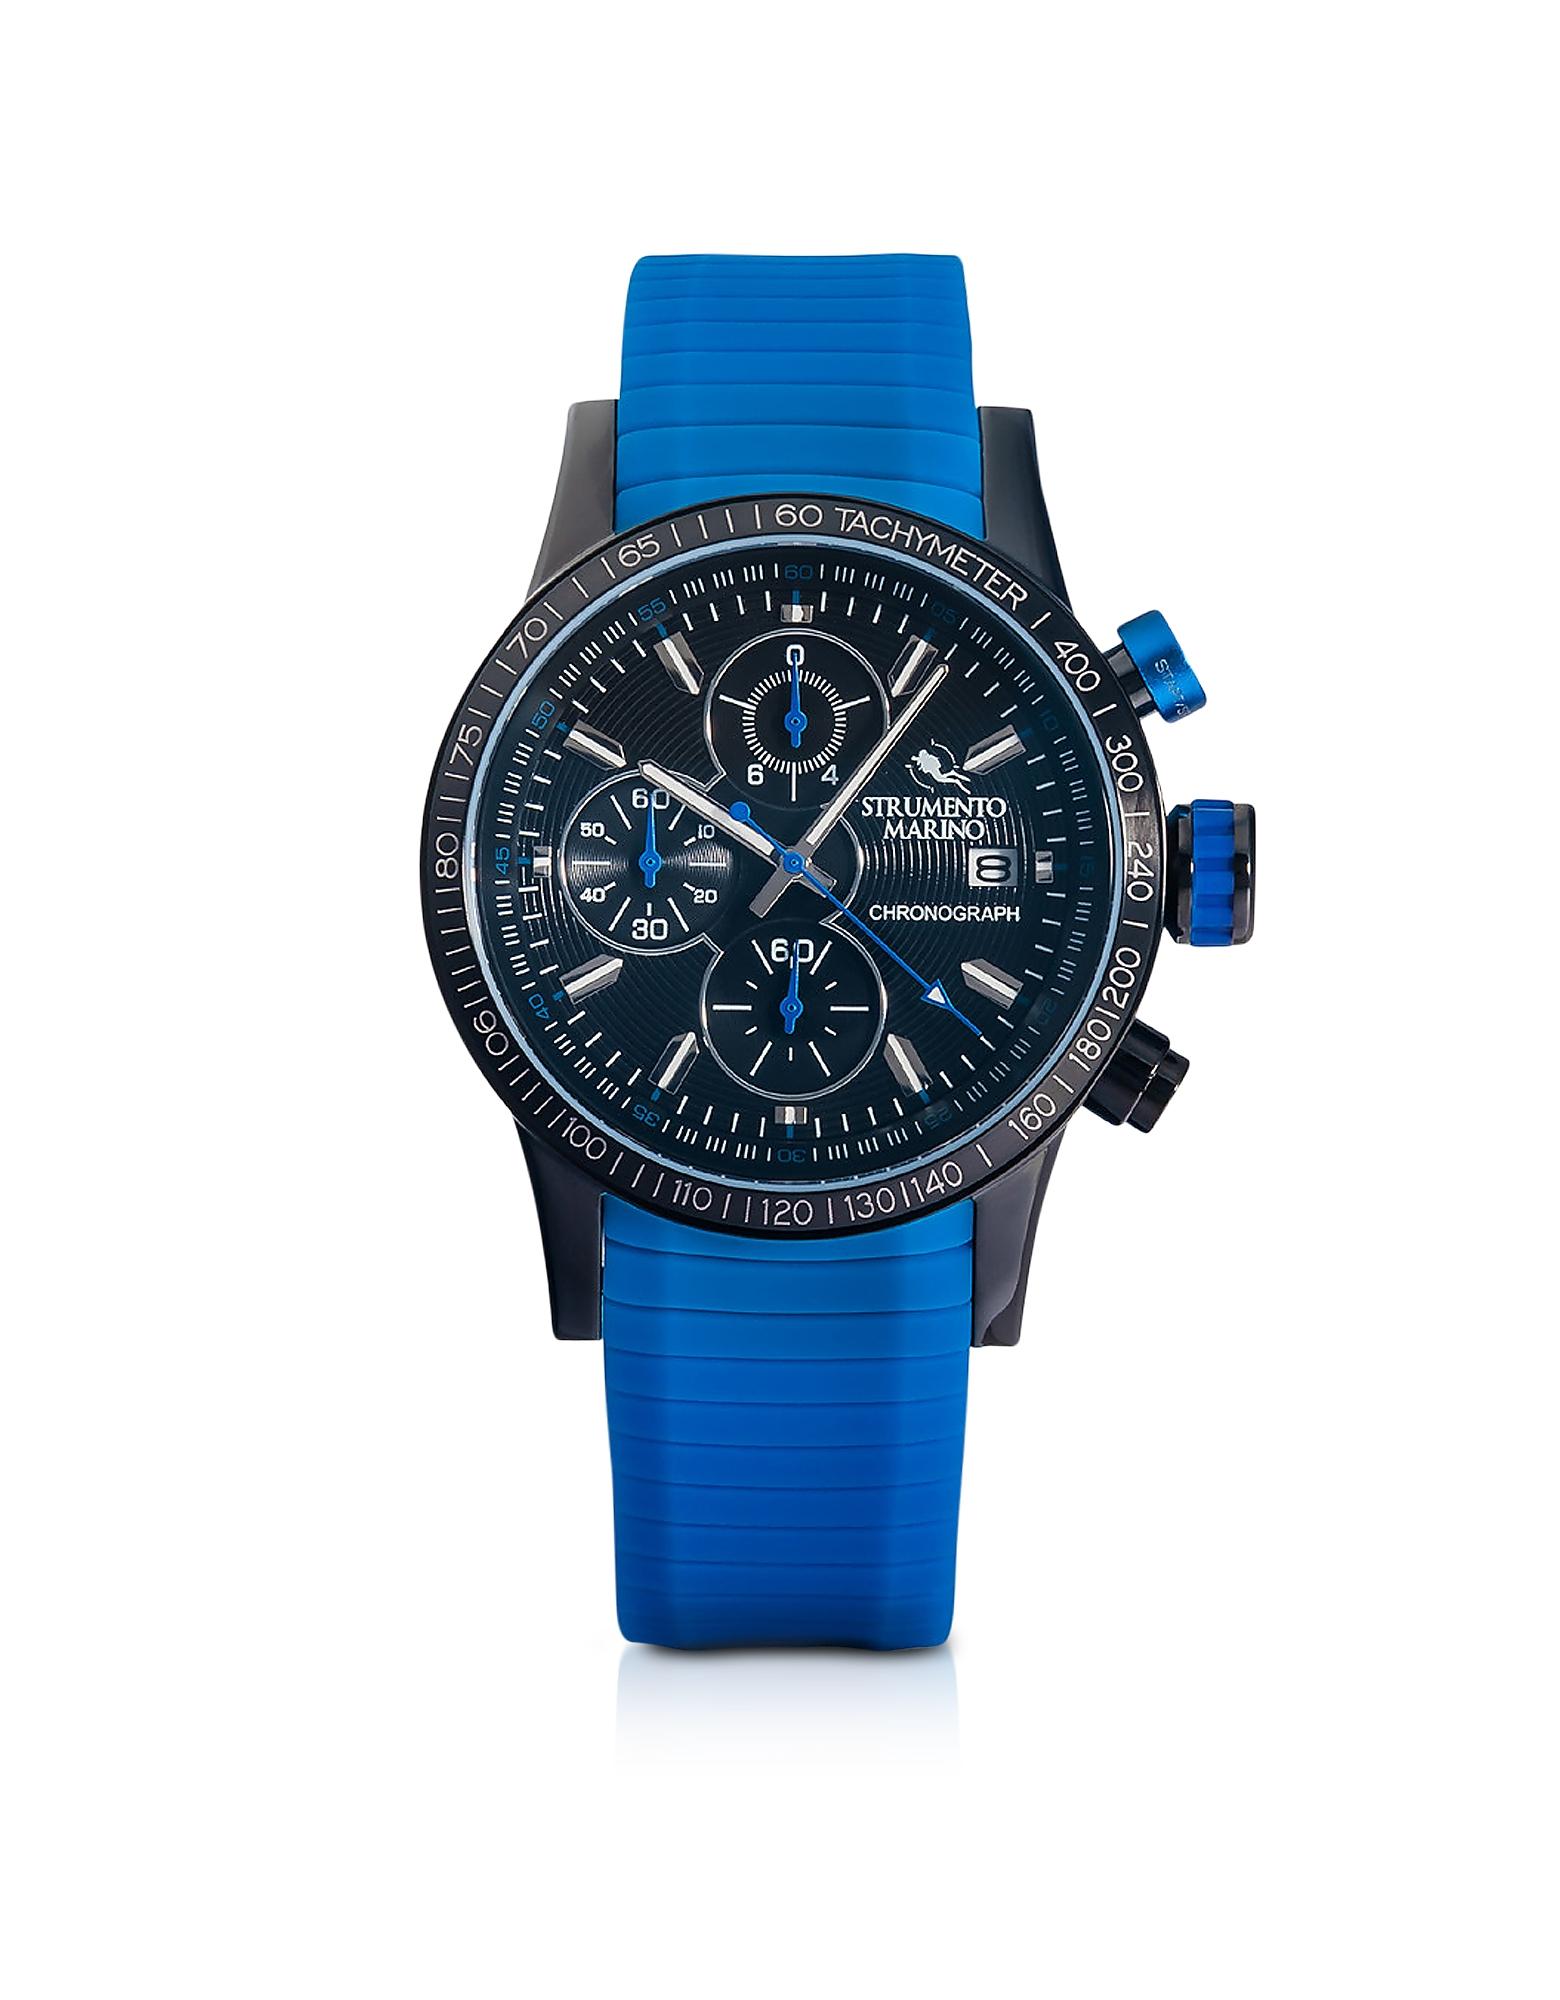 Admiral Orologio con Cronografo da Uomo in Acciao e Silicone Blu